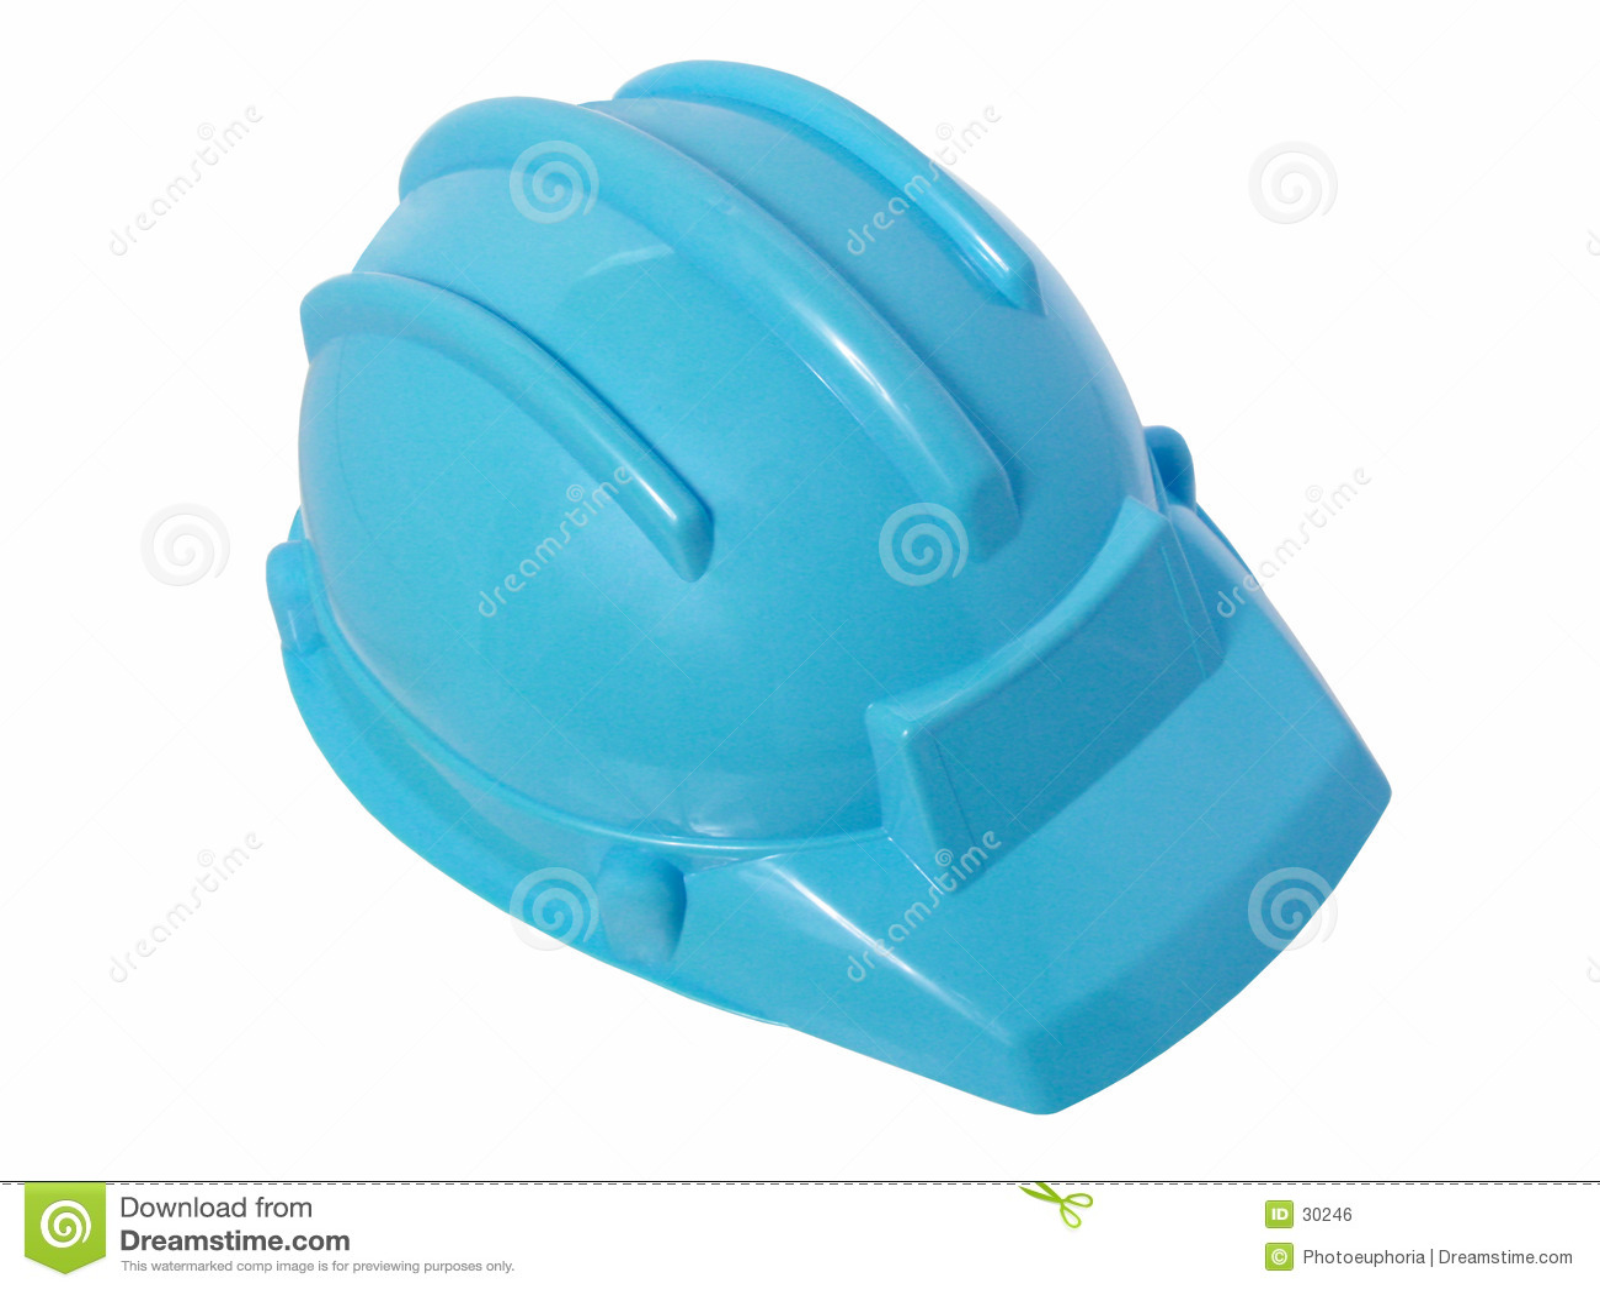 Brinquedos: Capacete plástico azul brilhante da construção